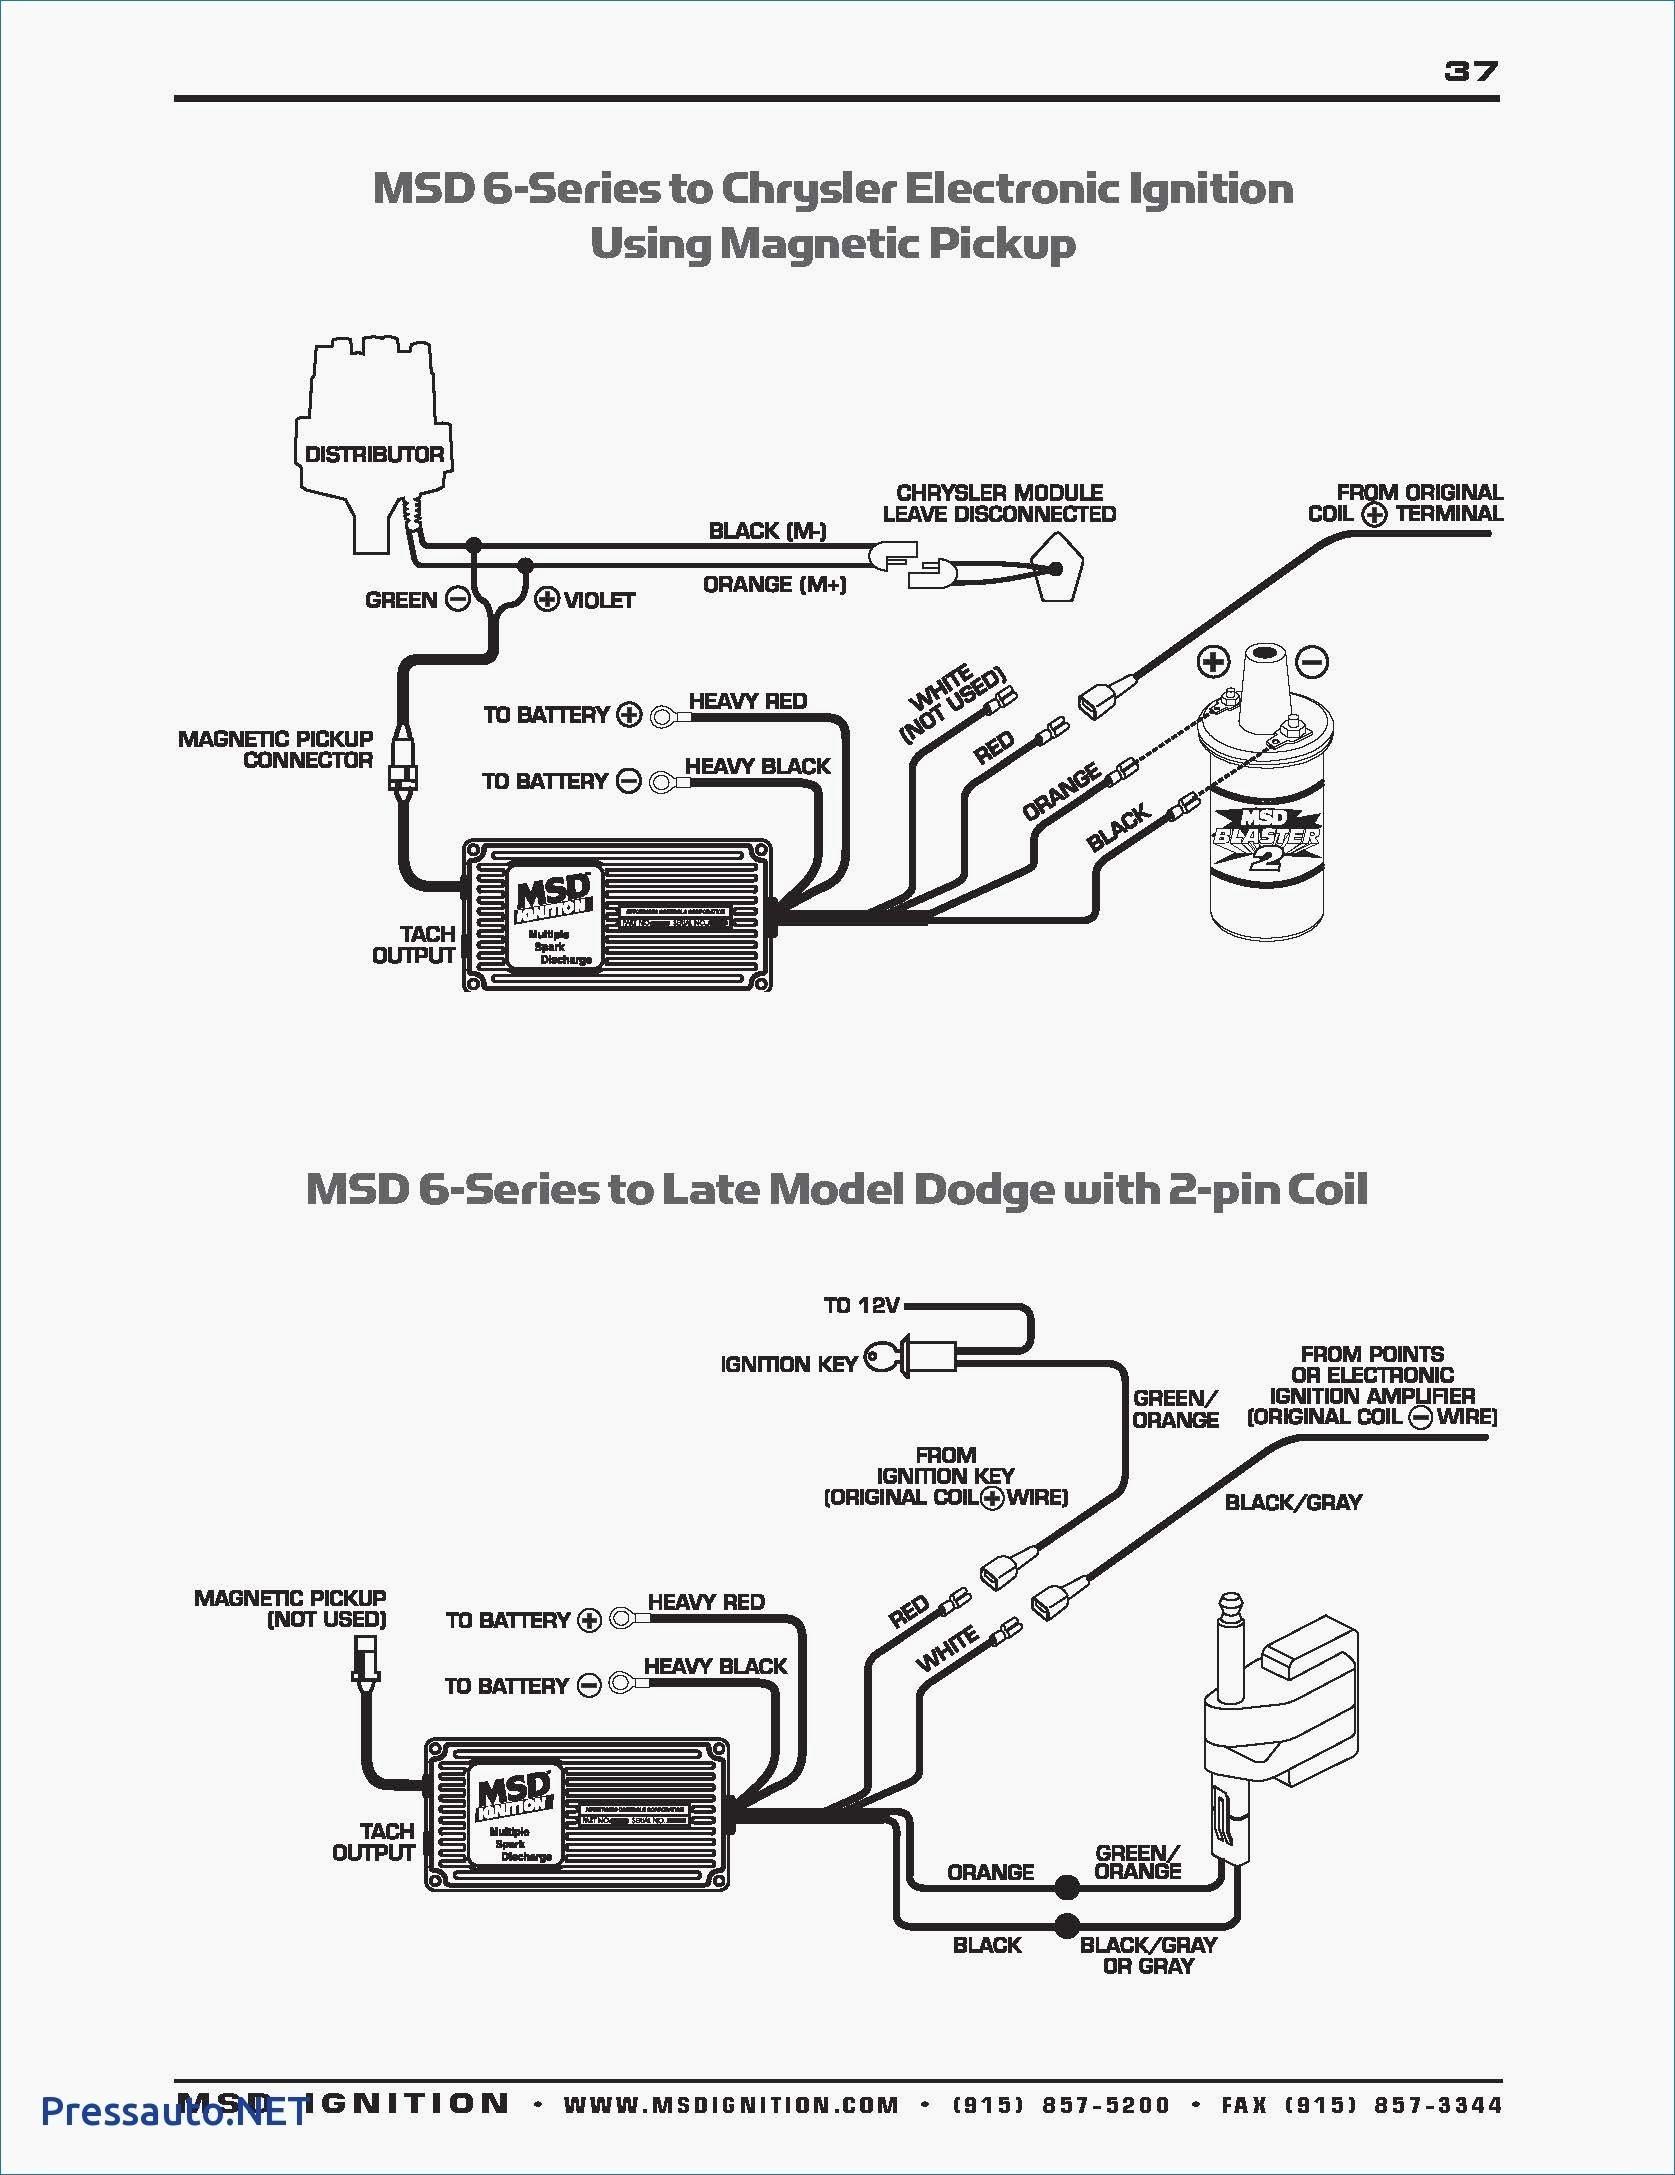 Wiring Diagram Les Paul New Wiring Diagram Les Paul Refrence Wiring Diagram For Epiphone Les